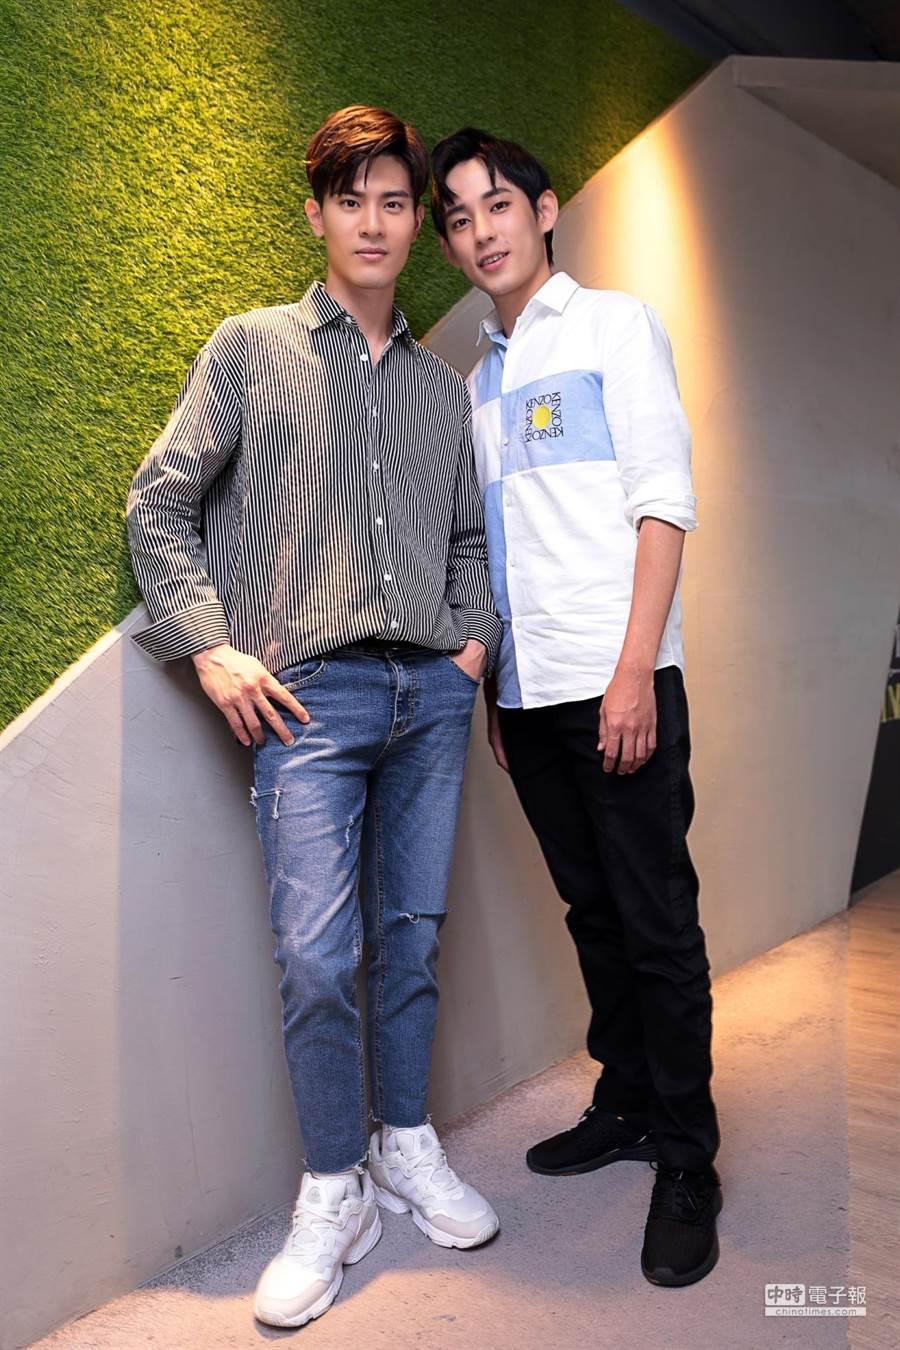 徐鈞浩(右)、吳承洋(左)。(圖/記者廖映翔攝)